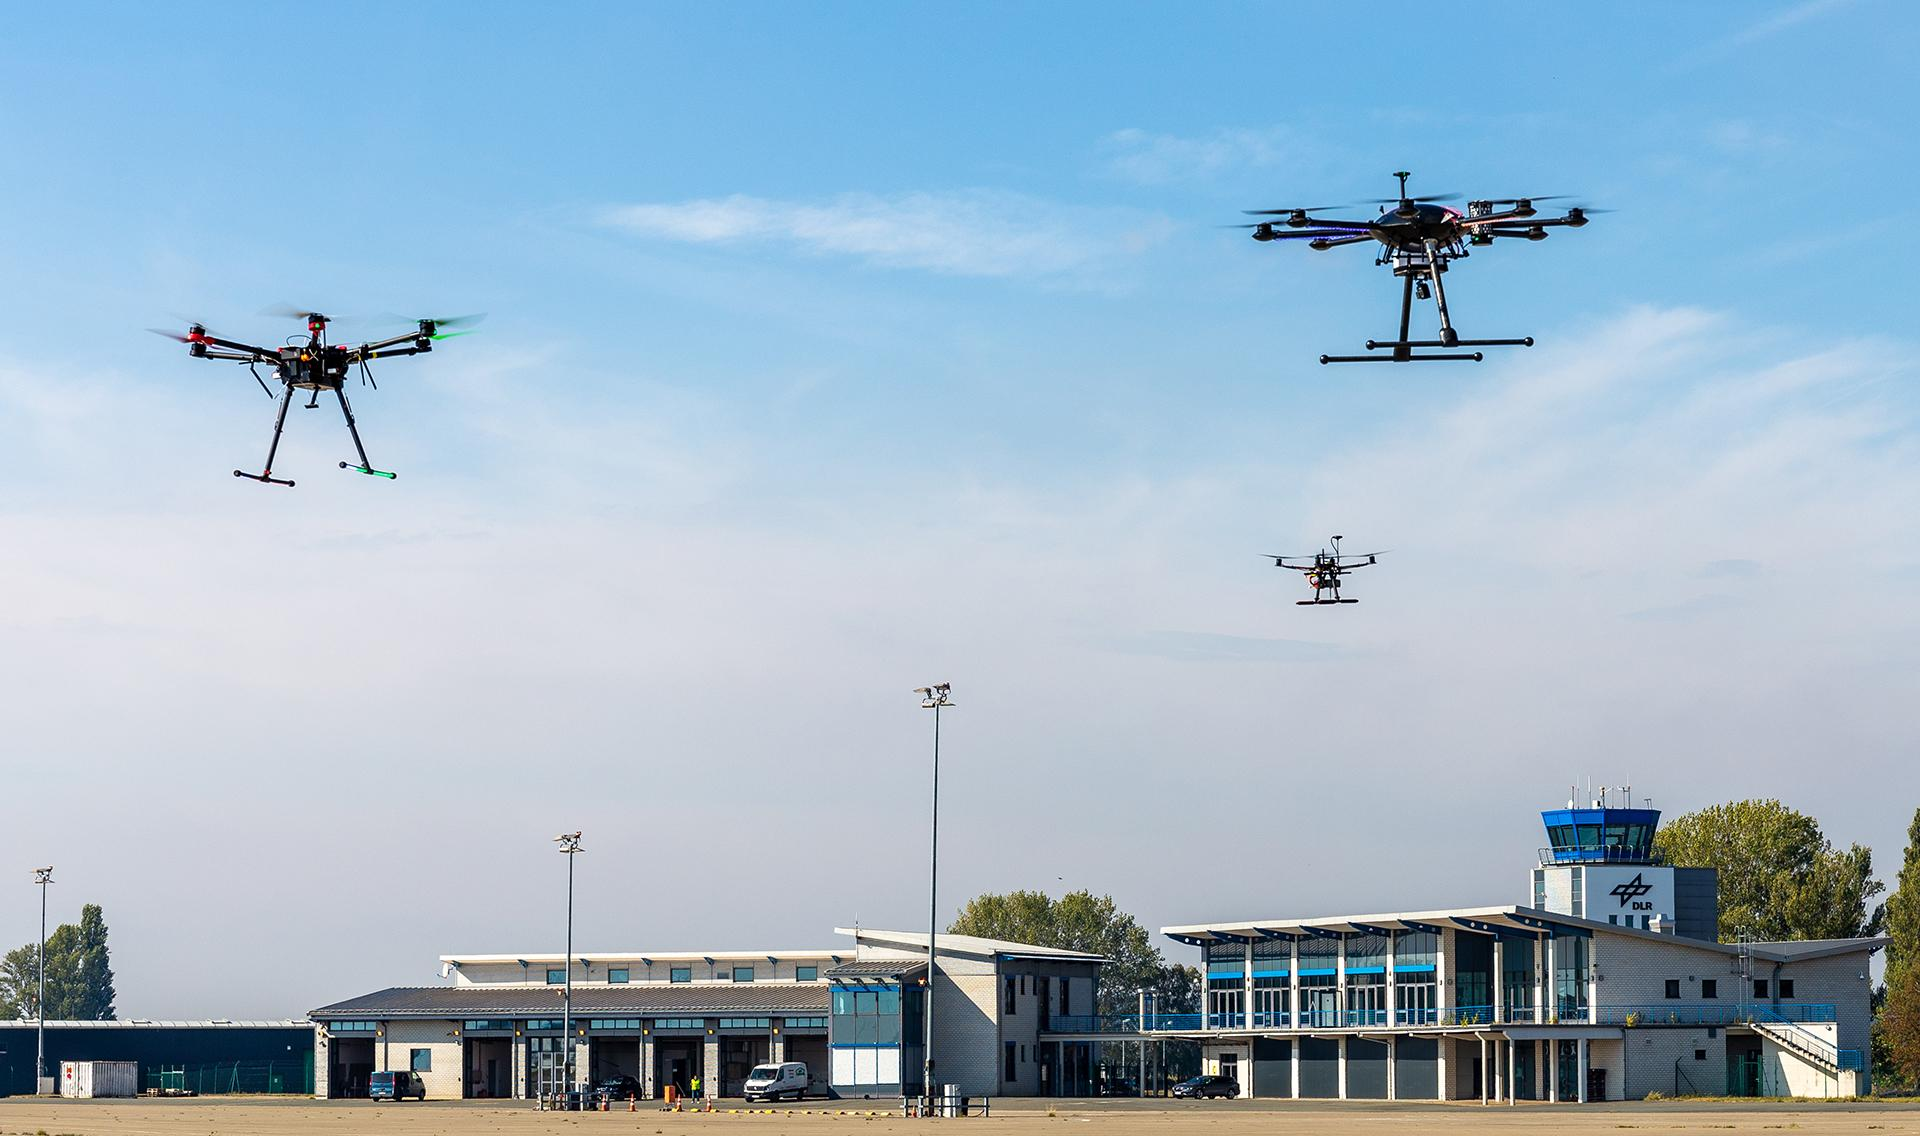 Projekt City-ATM vereint alte und neue Luftverkehrssysteme